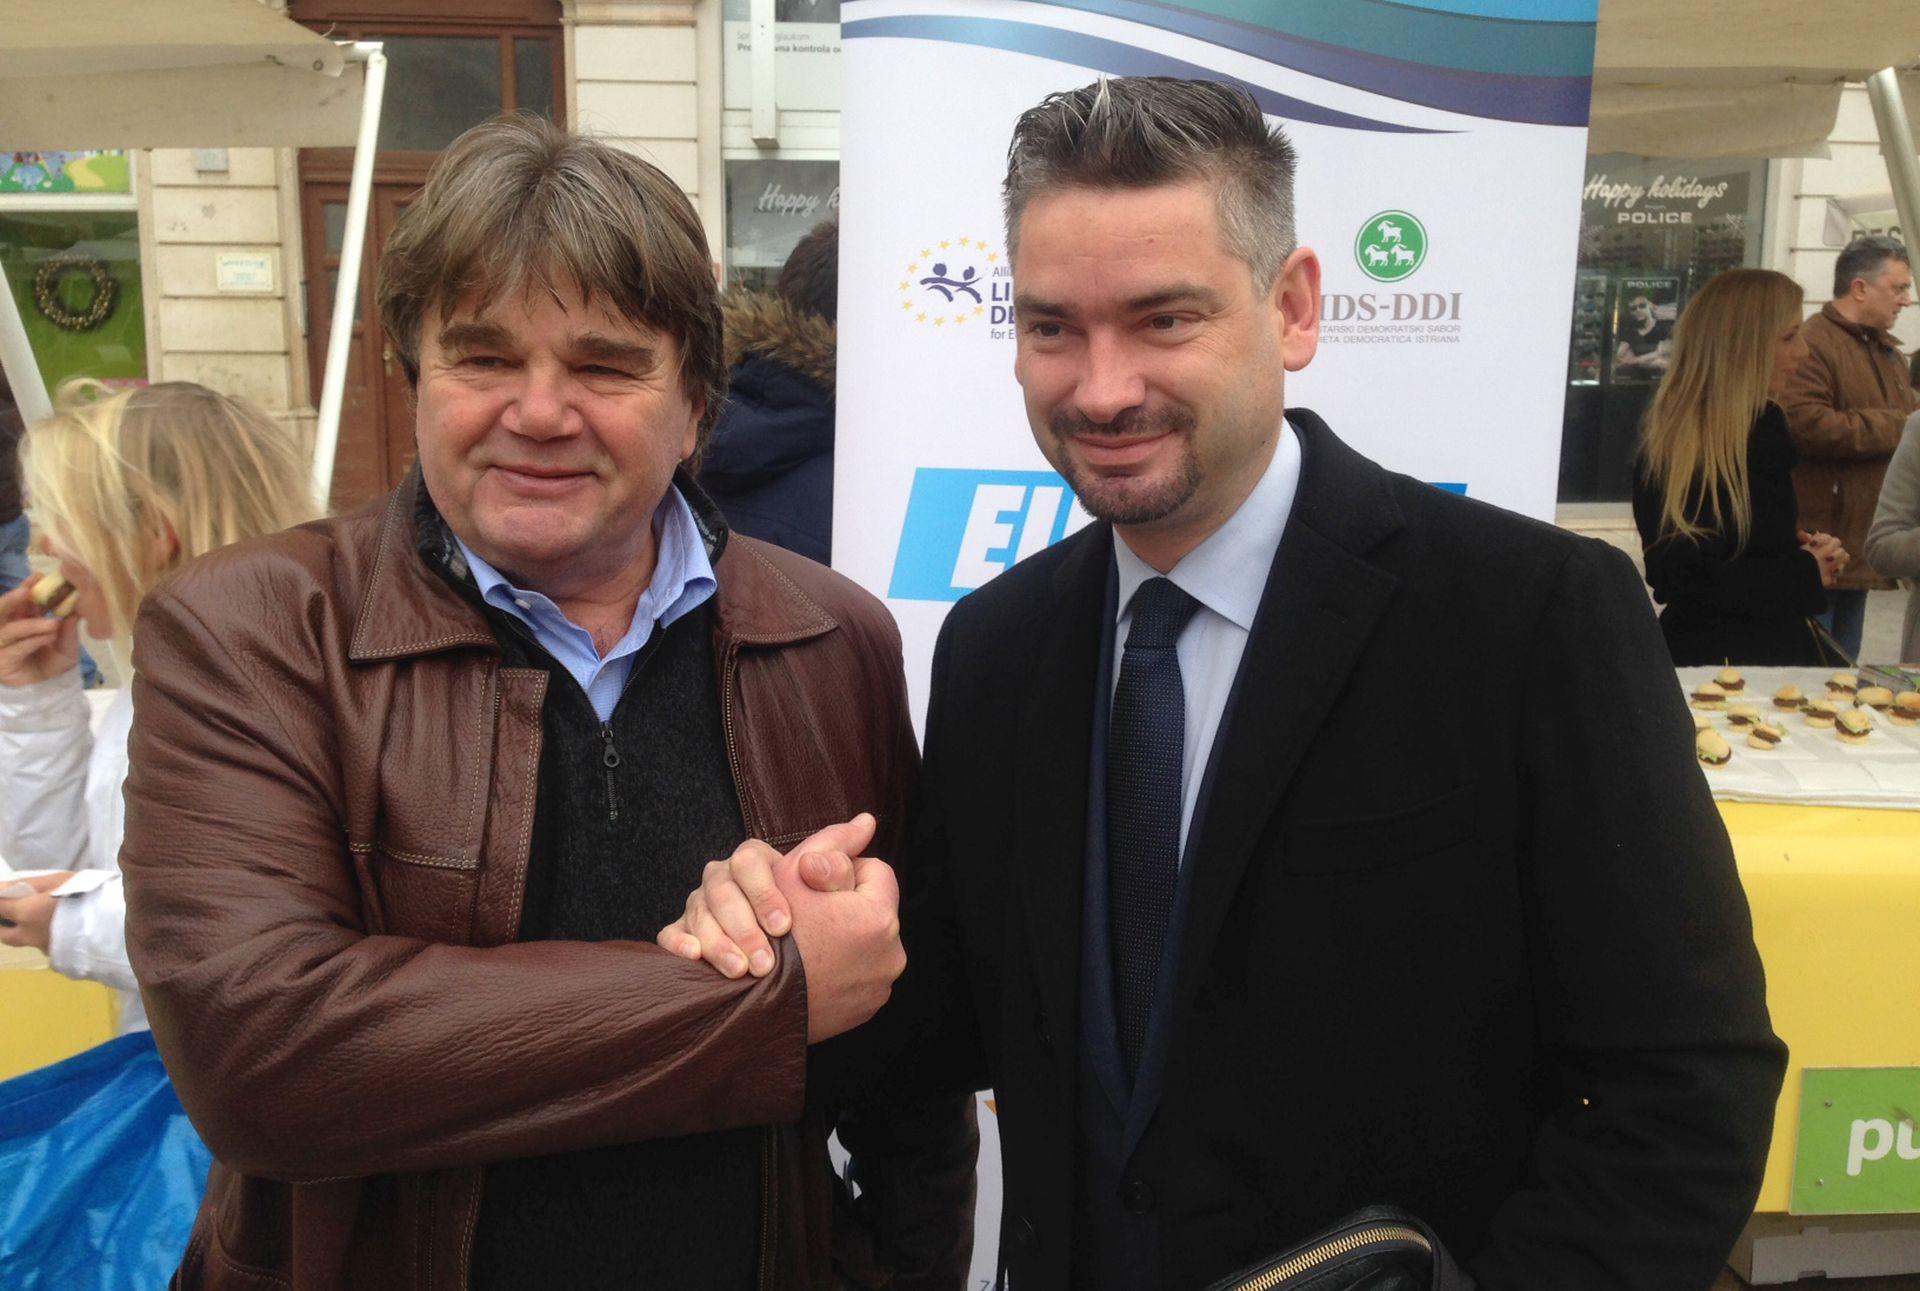 OTVORENO PISMO: Miletić i Jakovčić upozorili da granična kontrola ugrožava RH